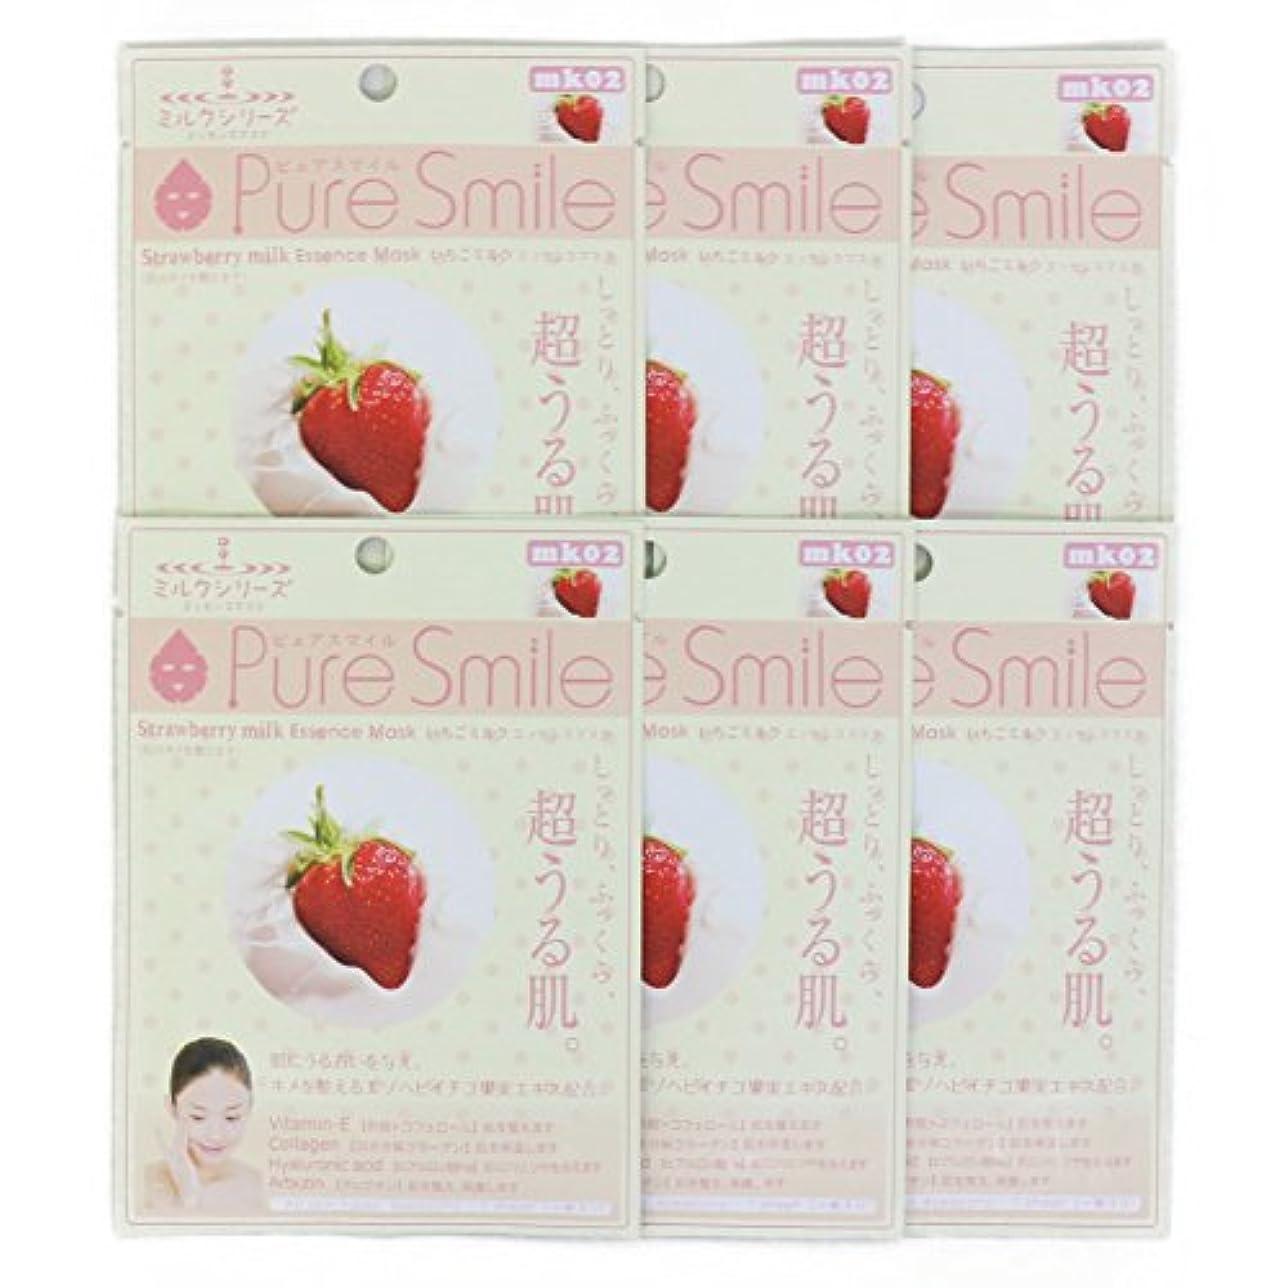 太鼓腹抑制スポークスマンPure Smile ピュアスマイル ミルクエッセンスマスク イチゴミルク 6枚セット